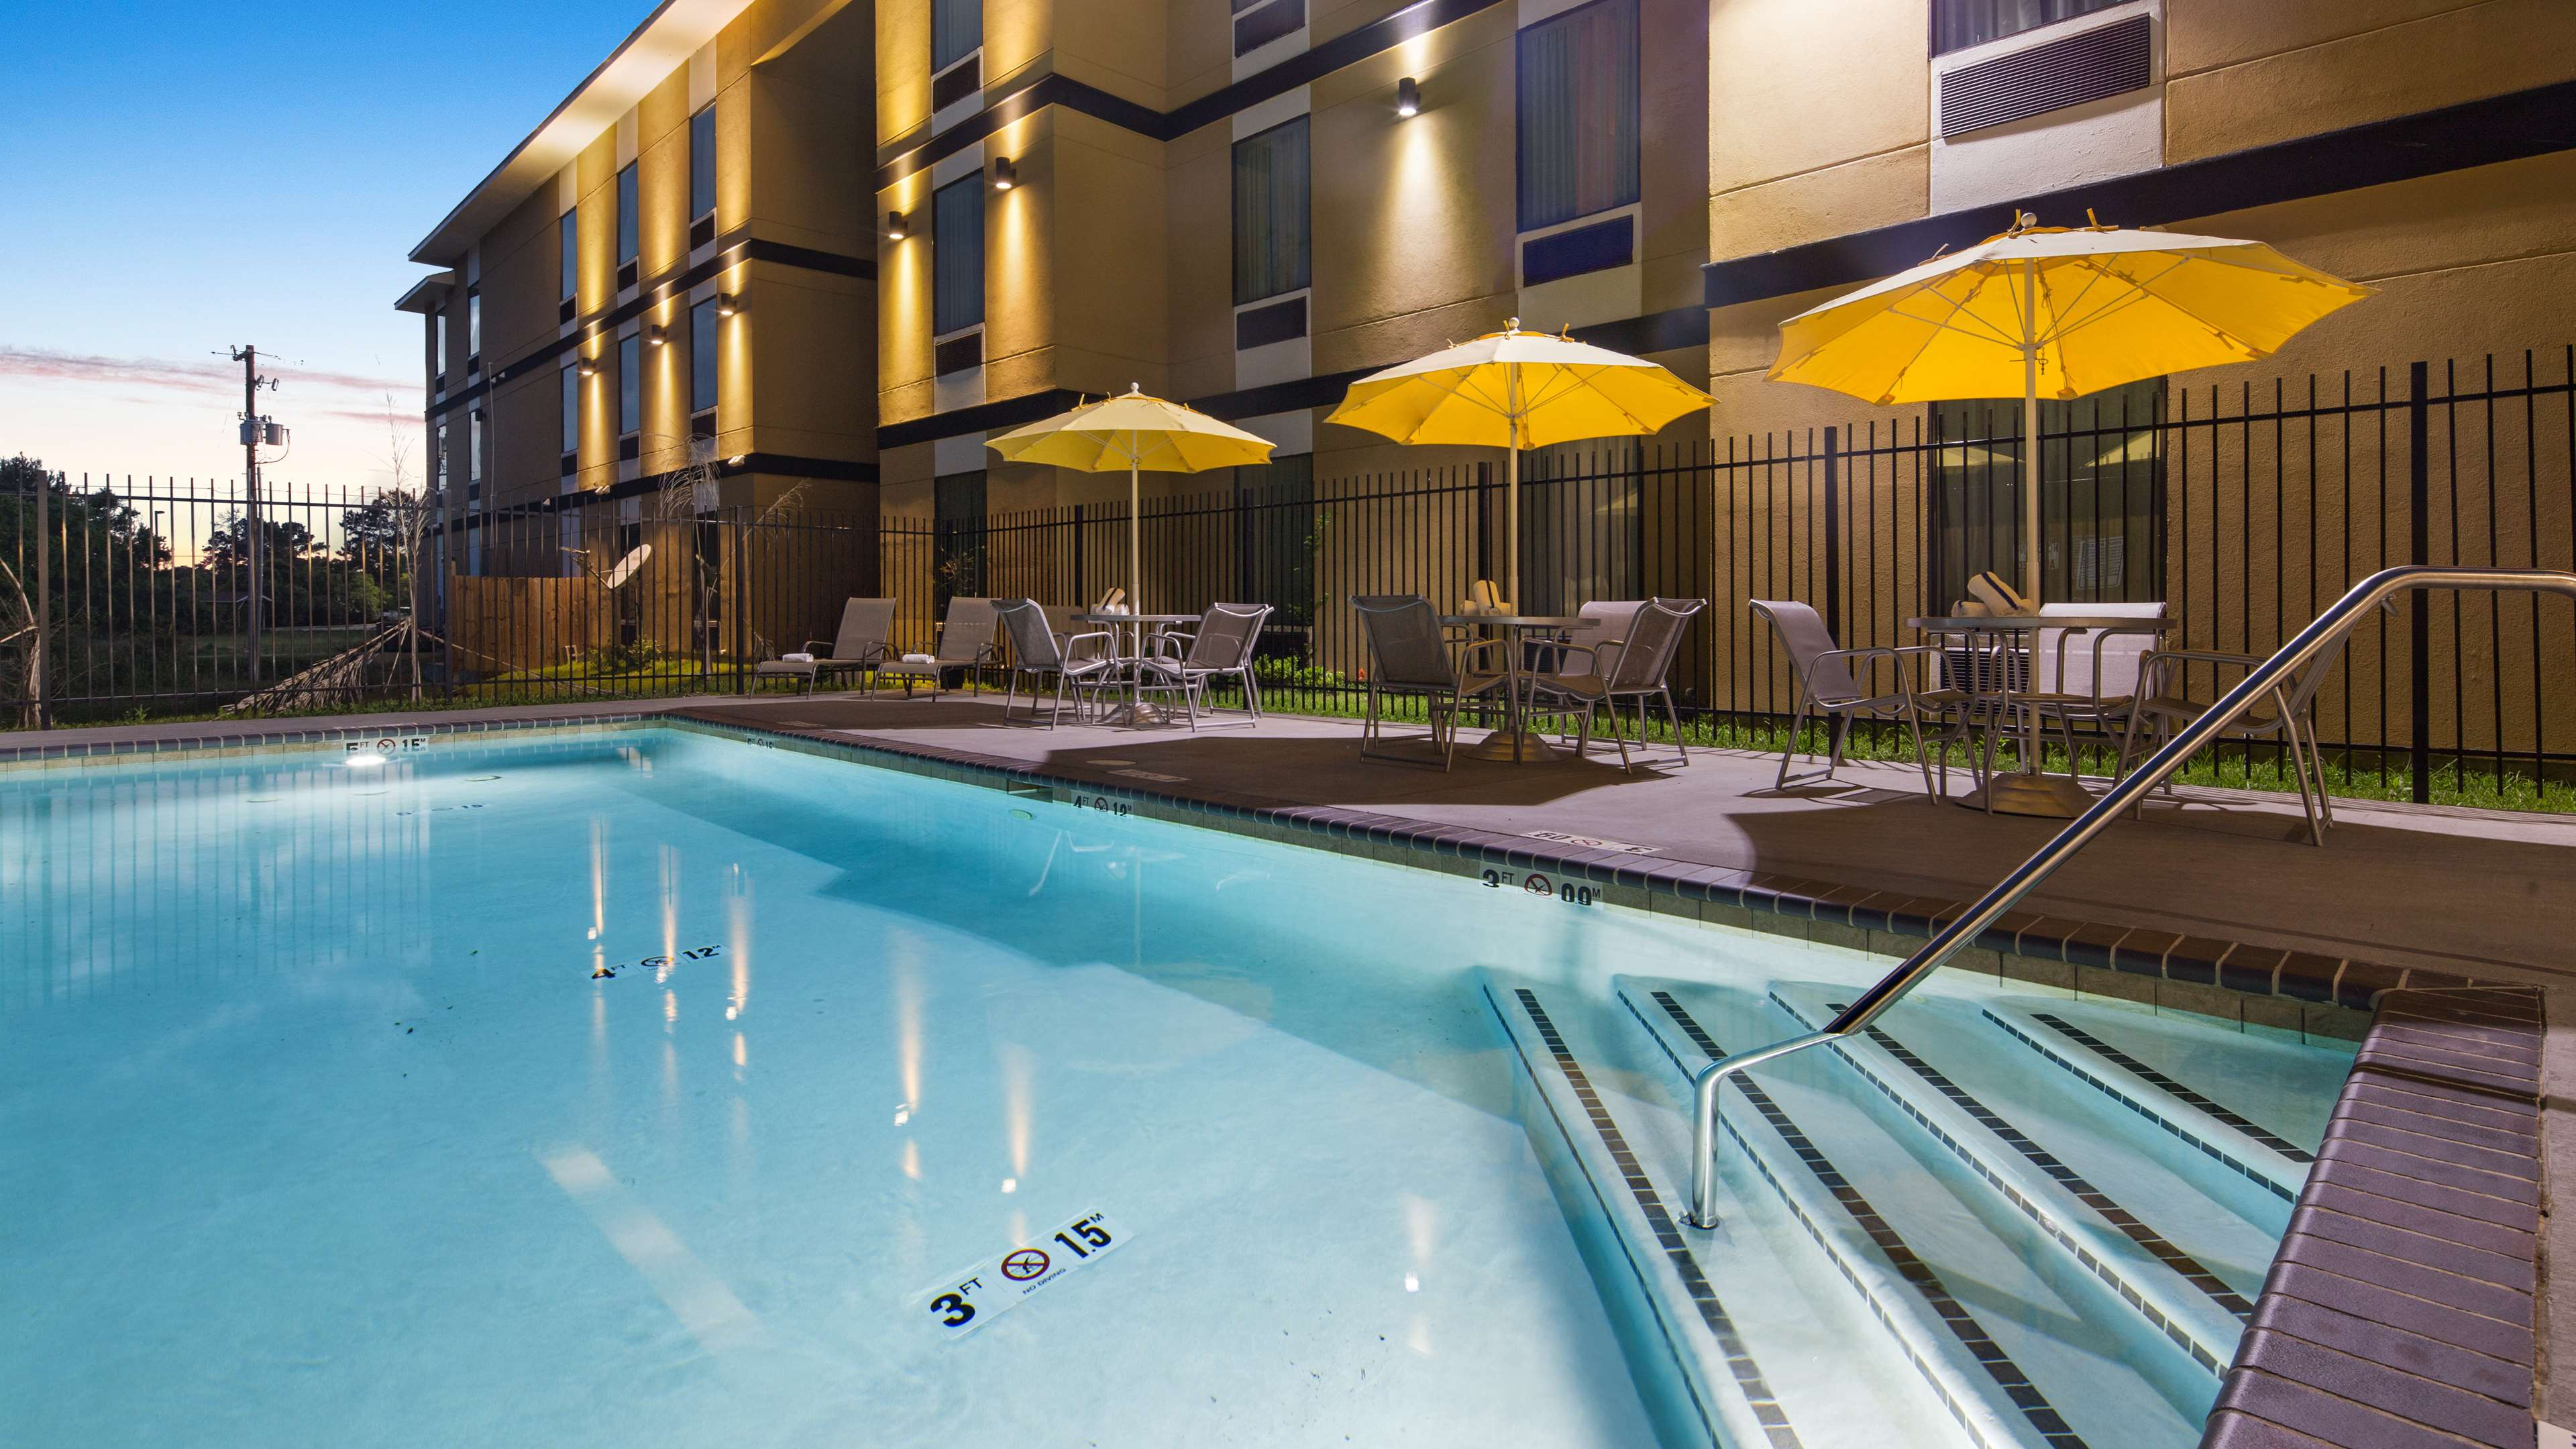 Best Western Plus Regency Park Hotel image 24